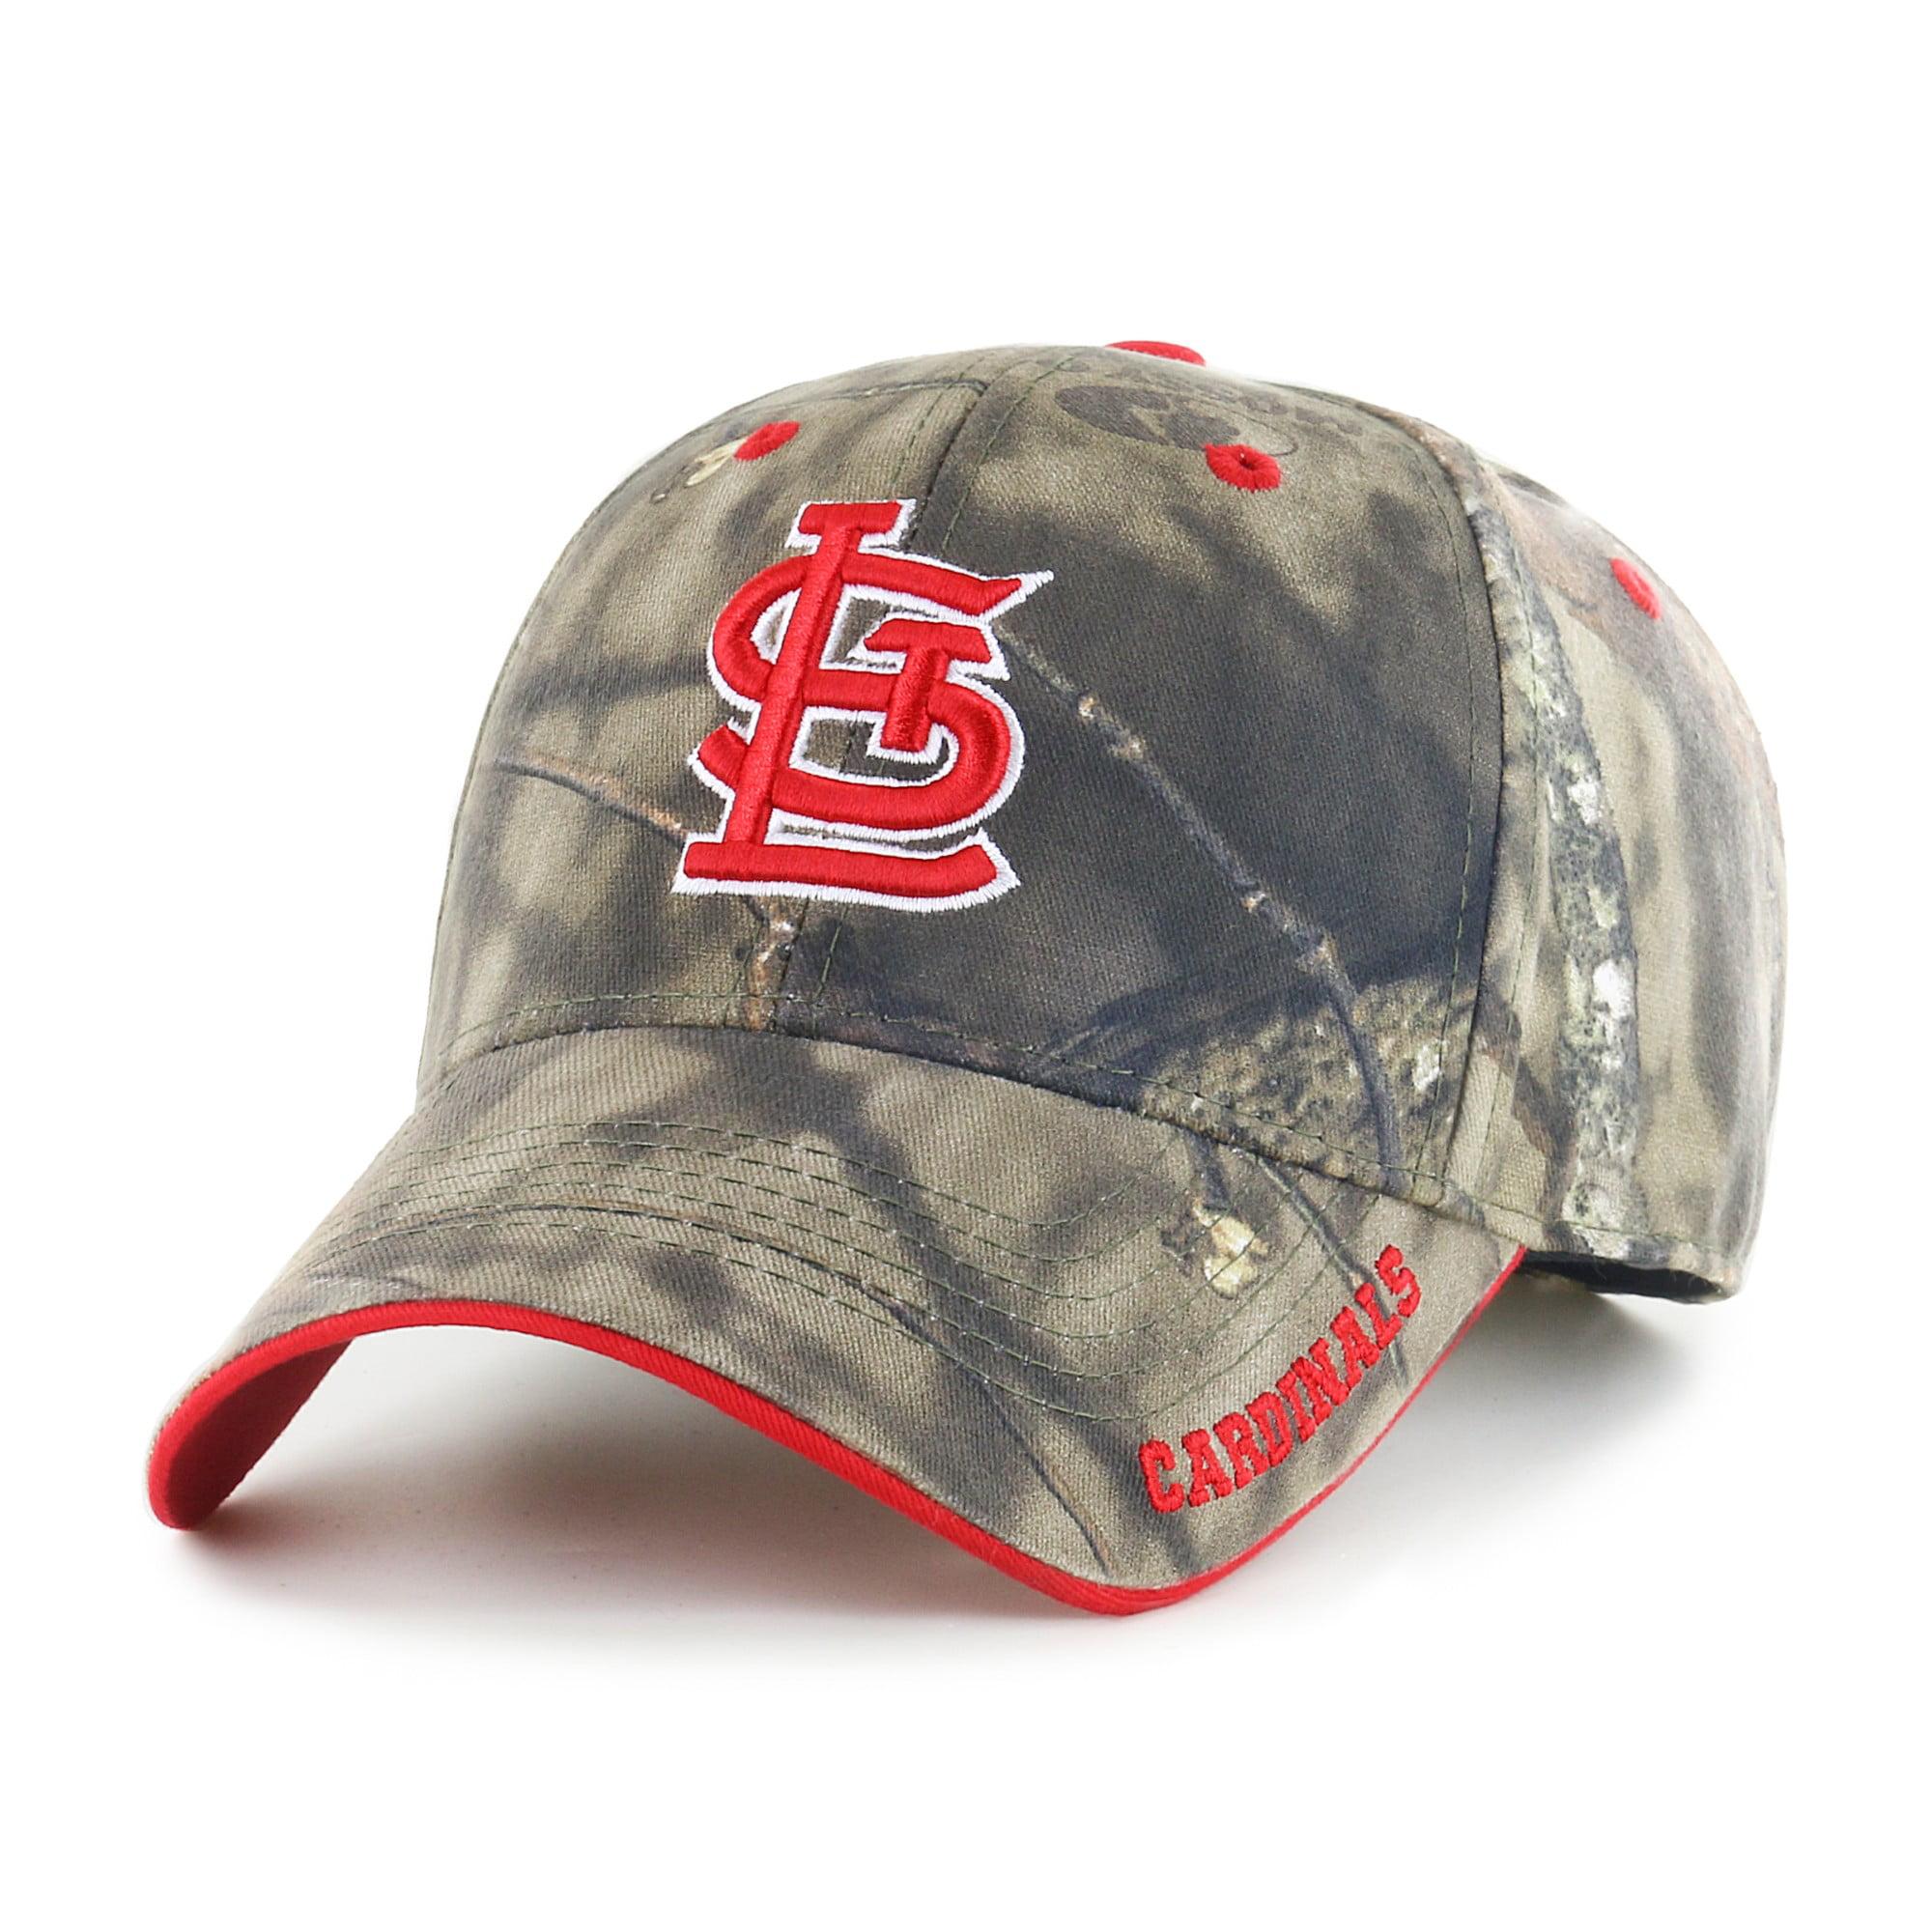 Fan Favorite MLB Mossy Oak Adjustable Hat, St. Louis Cardinals